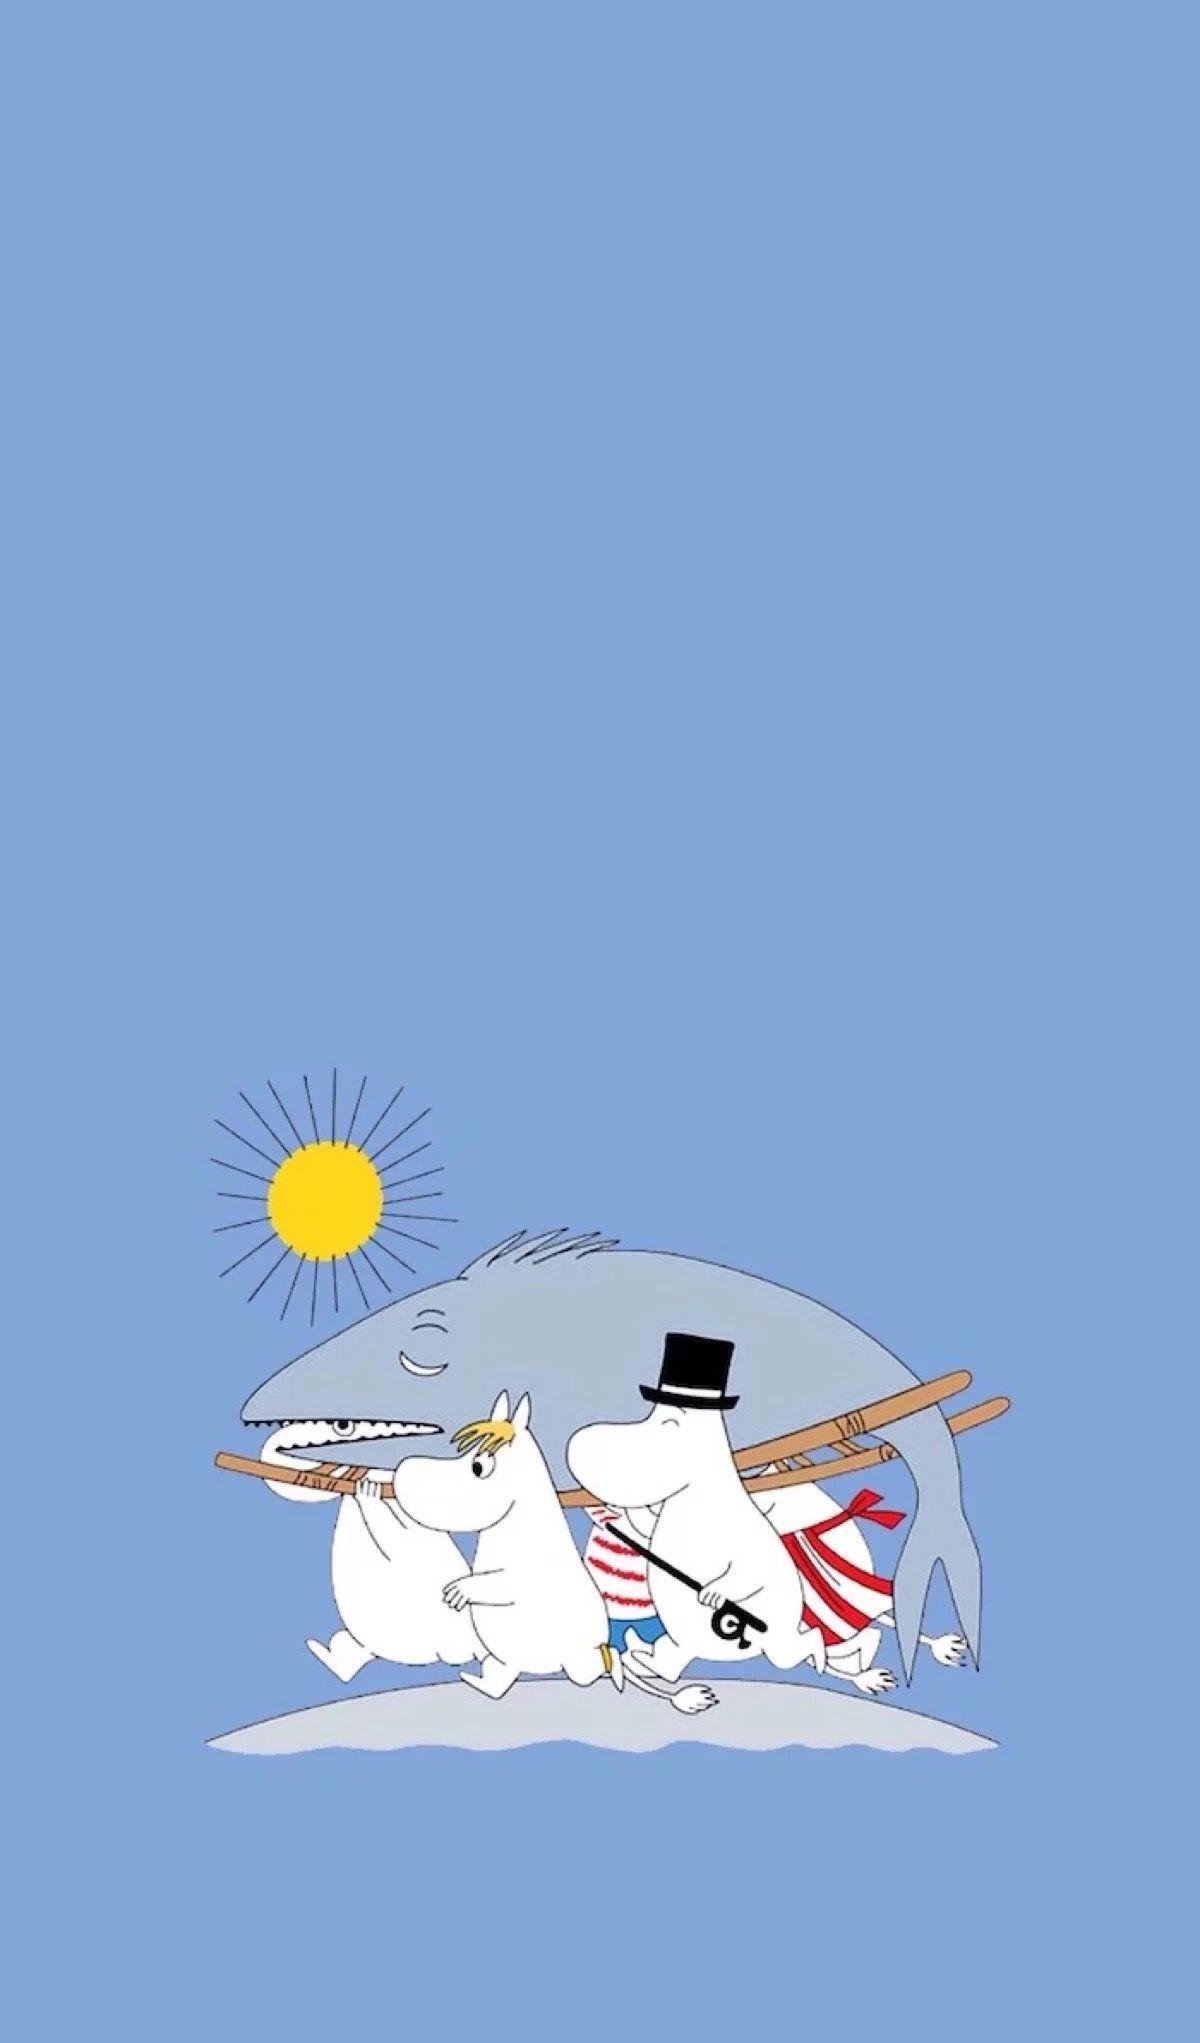 ツ ᴘɪɴᴛᴇʀᴇsᴛ ᴍʏʟᴇɴᴀ ʙᴀᴄʜᴍᴀɴɴ ムーミン 壁紙 ムーミン イラスト 可愛い キャラクター イラスト